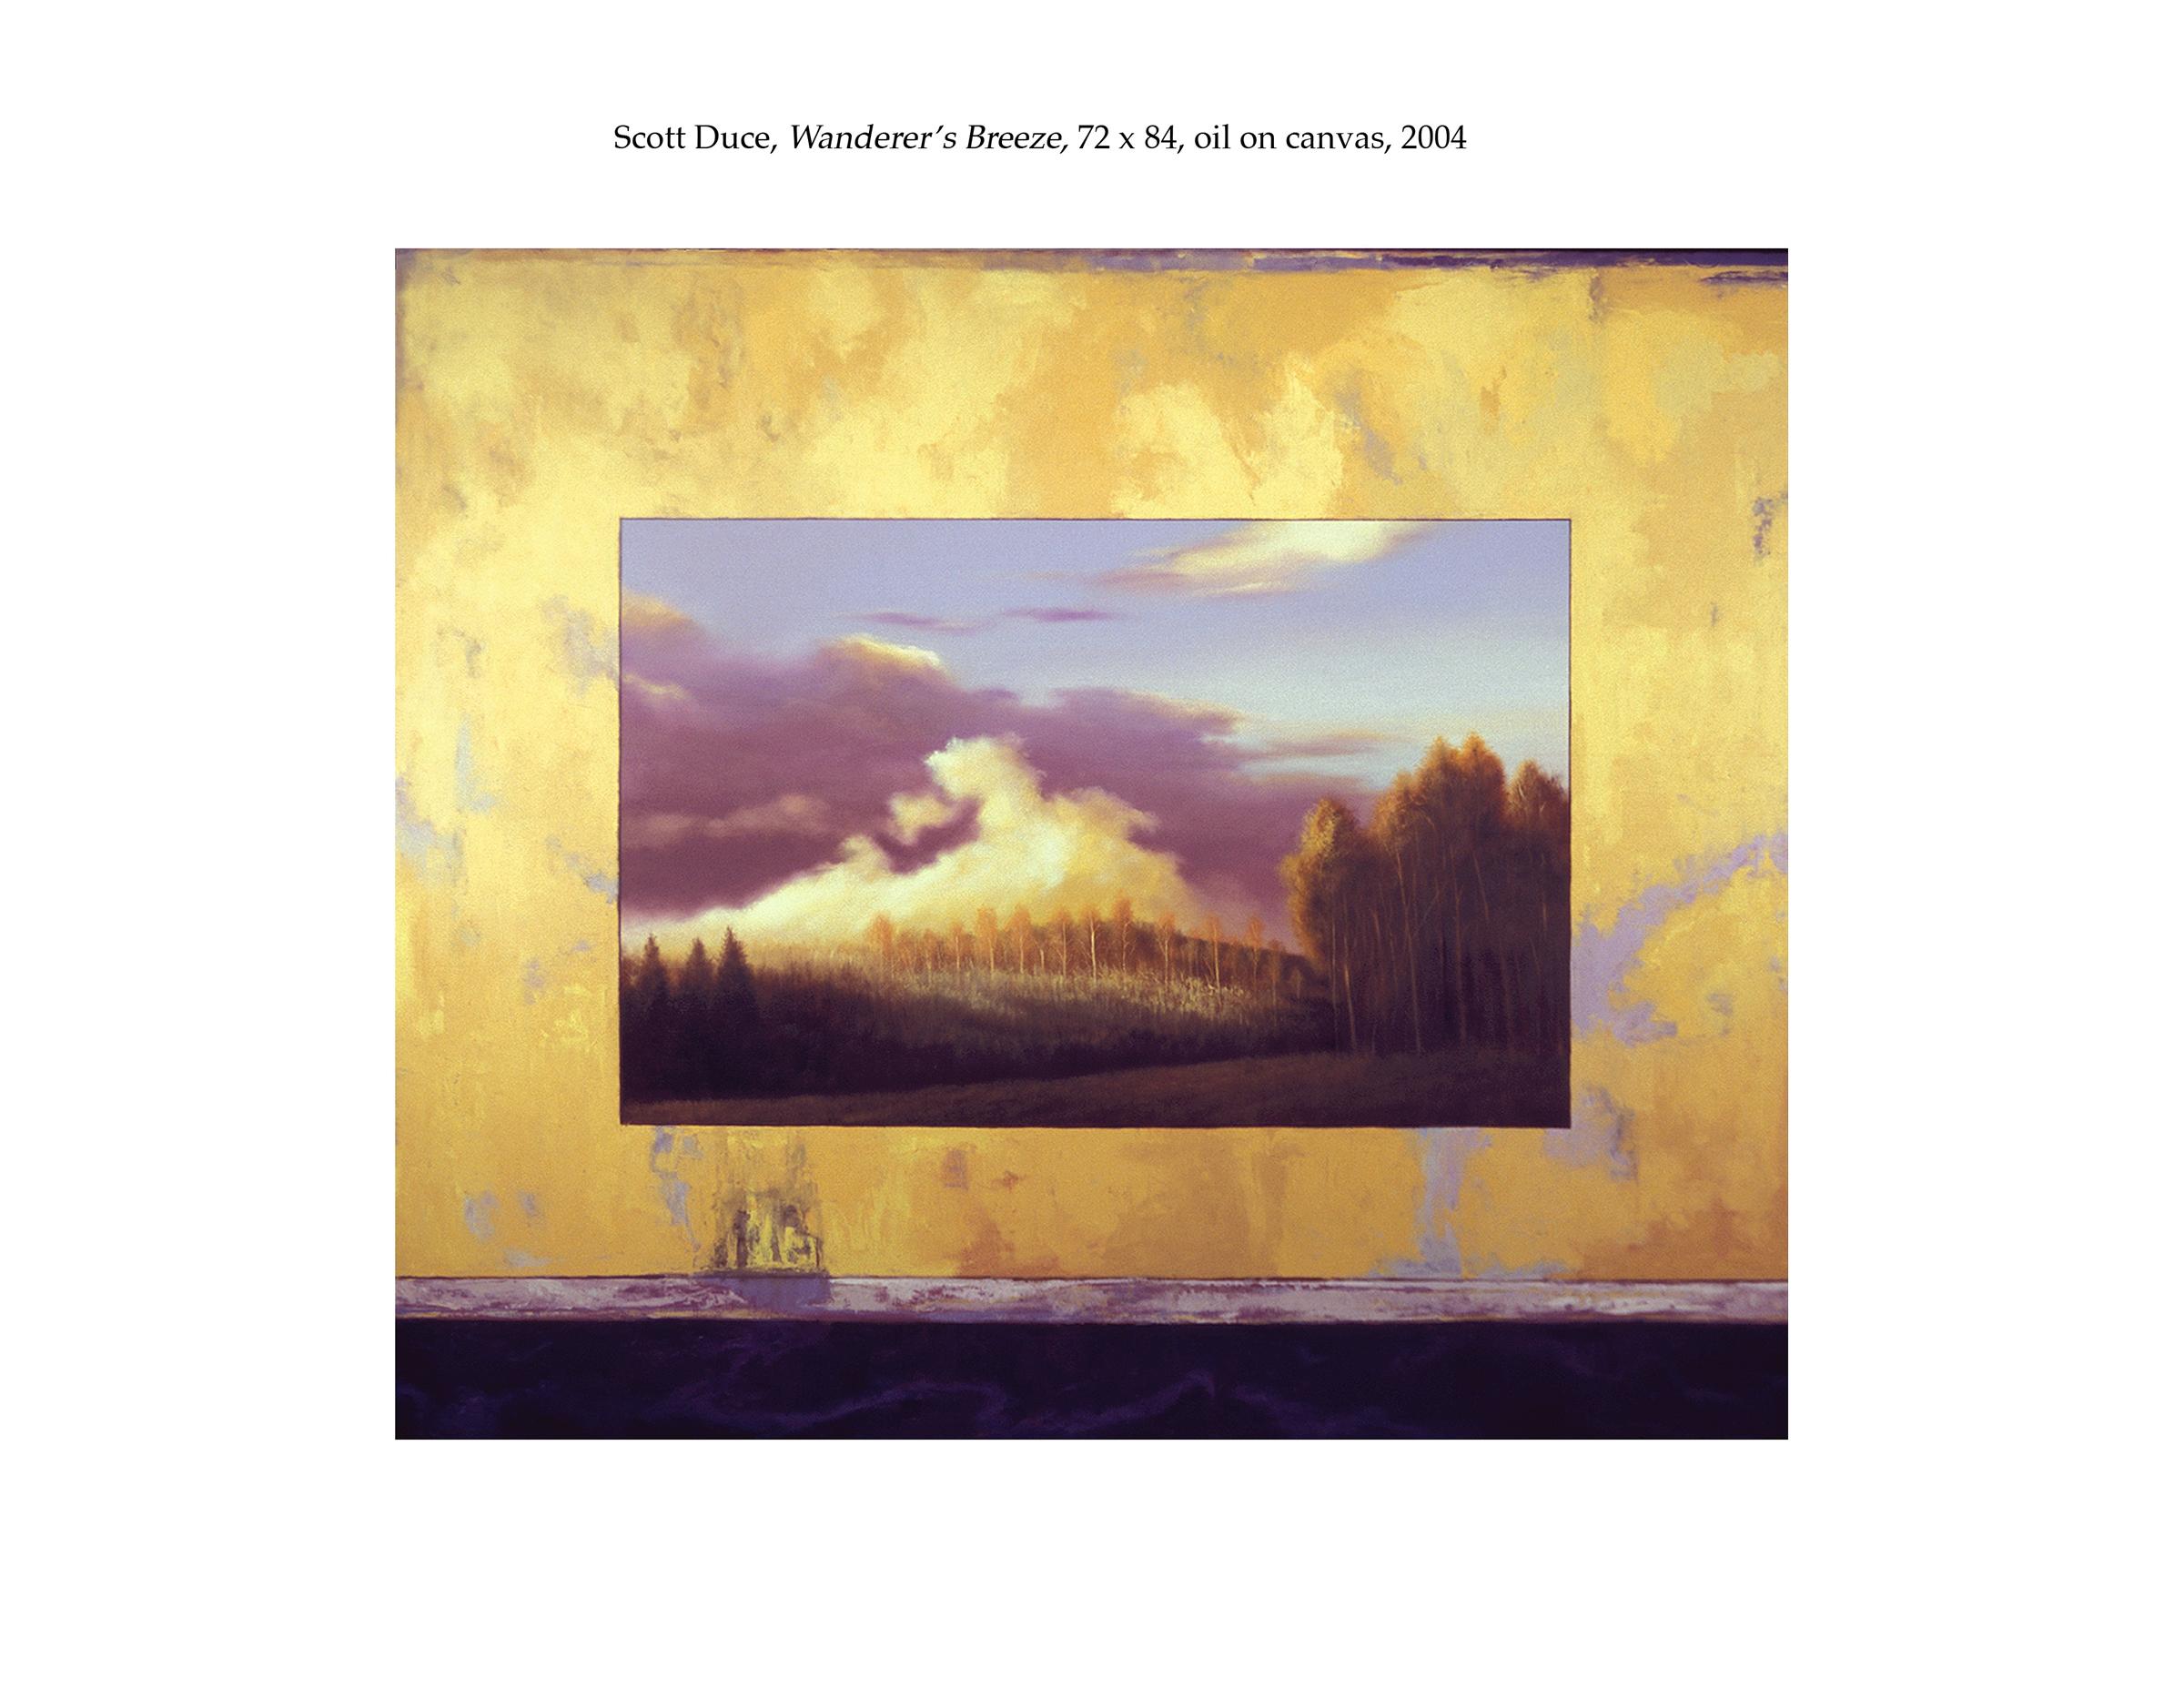 """Scott Duce, """"Wanderer's Breeze"""" 72 x 84, oil on canvas, 2004."""